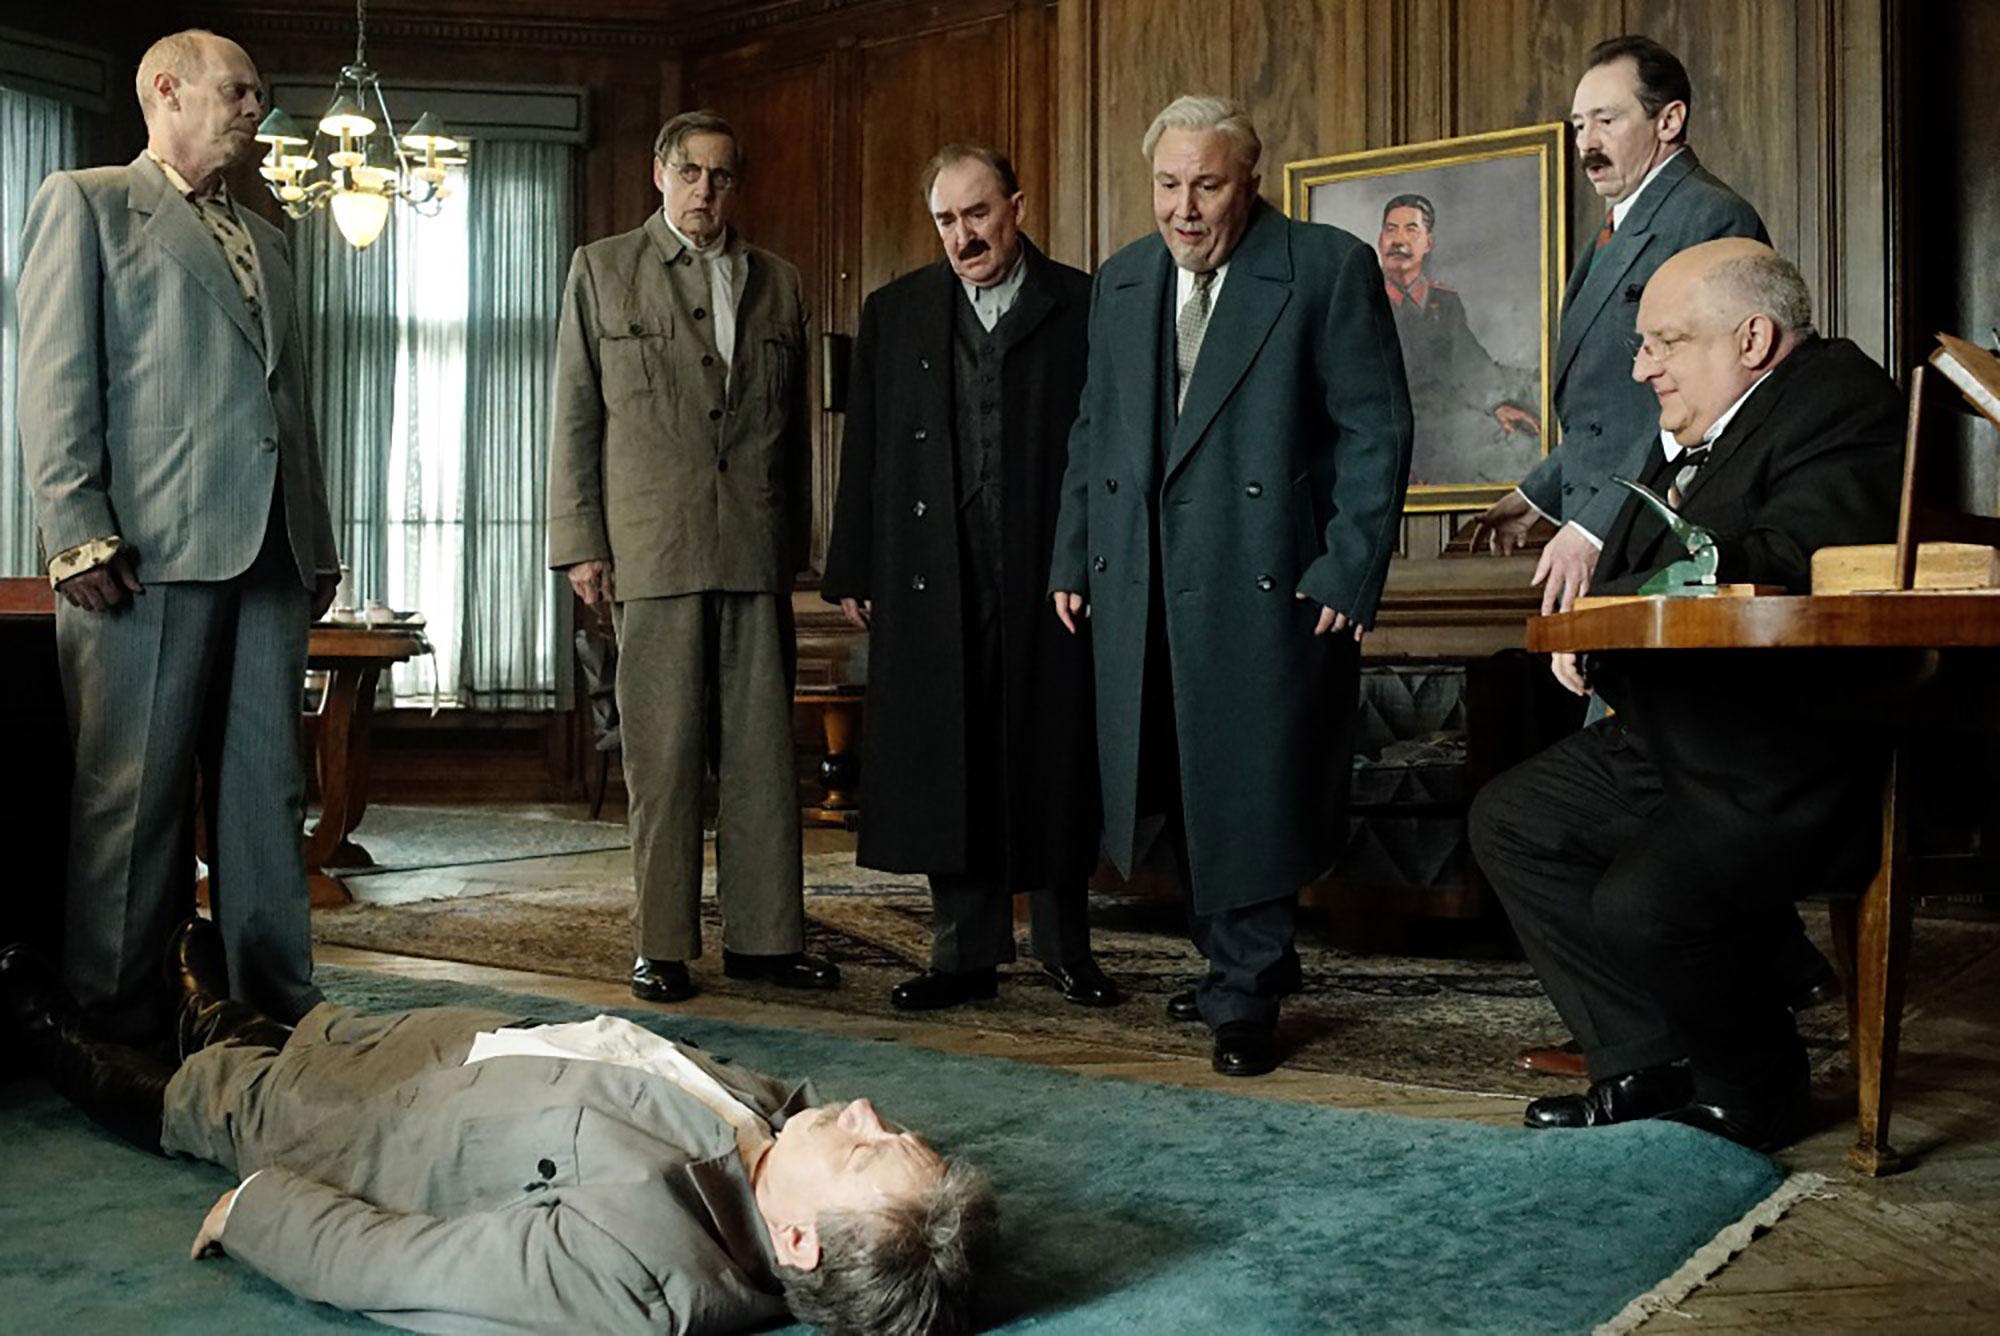 ©︎2017 MITICO – MAIN JOURNEY – GAUMONT – FRANCE 3 CINEMA – AFPI – PANACHE -PRODUCTIONS – LA CIE CINEMATOGRAPHIQUE – DEATH OF STALIN THE FILM LTD